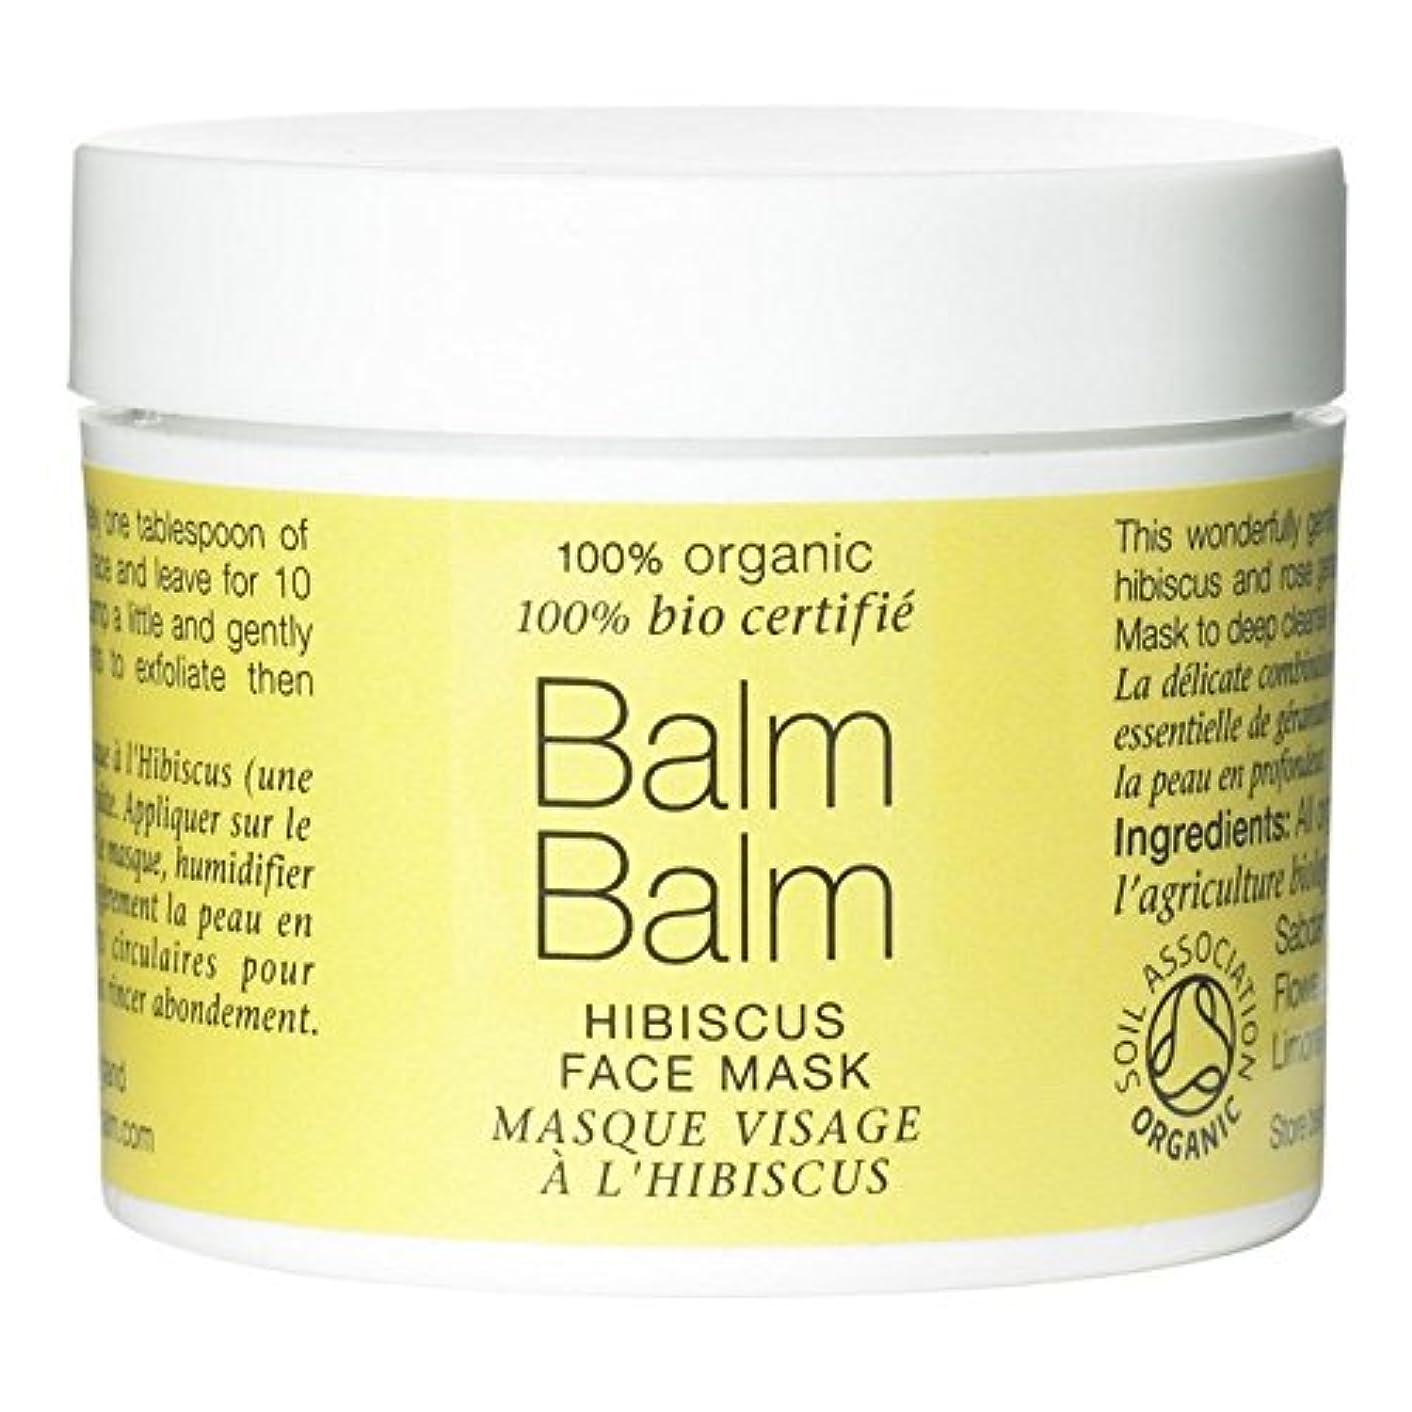 解凍する、雪解け、霜解けツーリストアーネストシャクルトンBalm Balm Organic Hibiscus Face Mask 100g (Pack of 6) - バームバームオーガニックハイビスカスフェイスマスク100グラム x6 [並行輸入品]